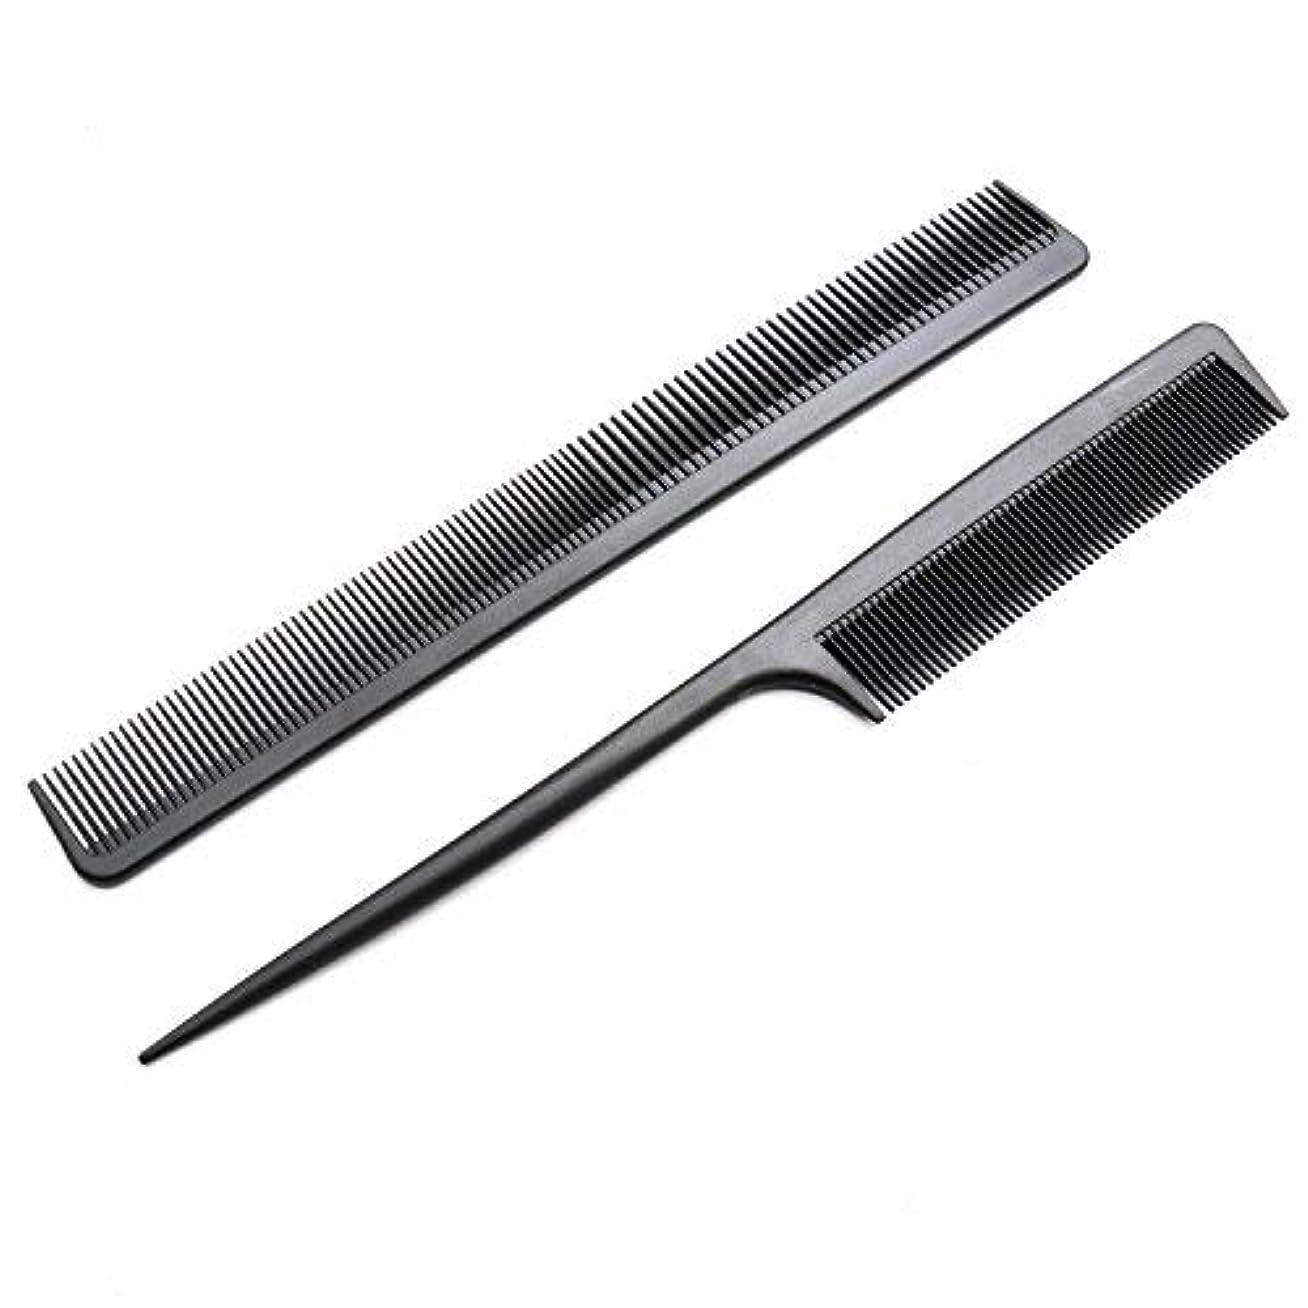 損なう透明にカップ2 Pack Carbon Fiber Anti Static Chemical And Heat Resistant Tail Comb For All Hair Types,Black [並行輸入品]